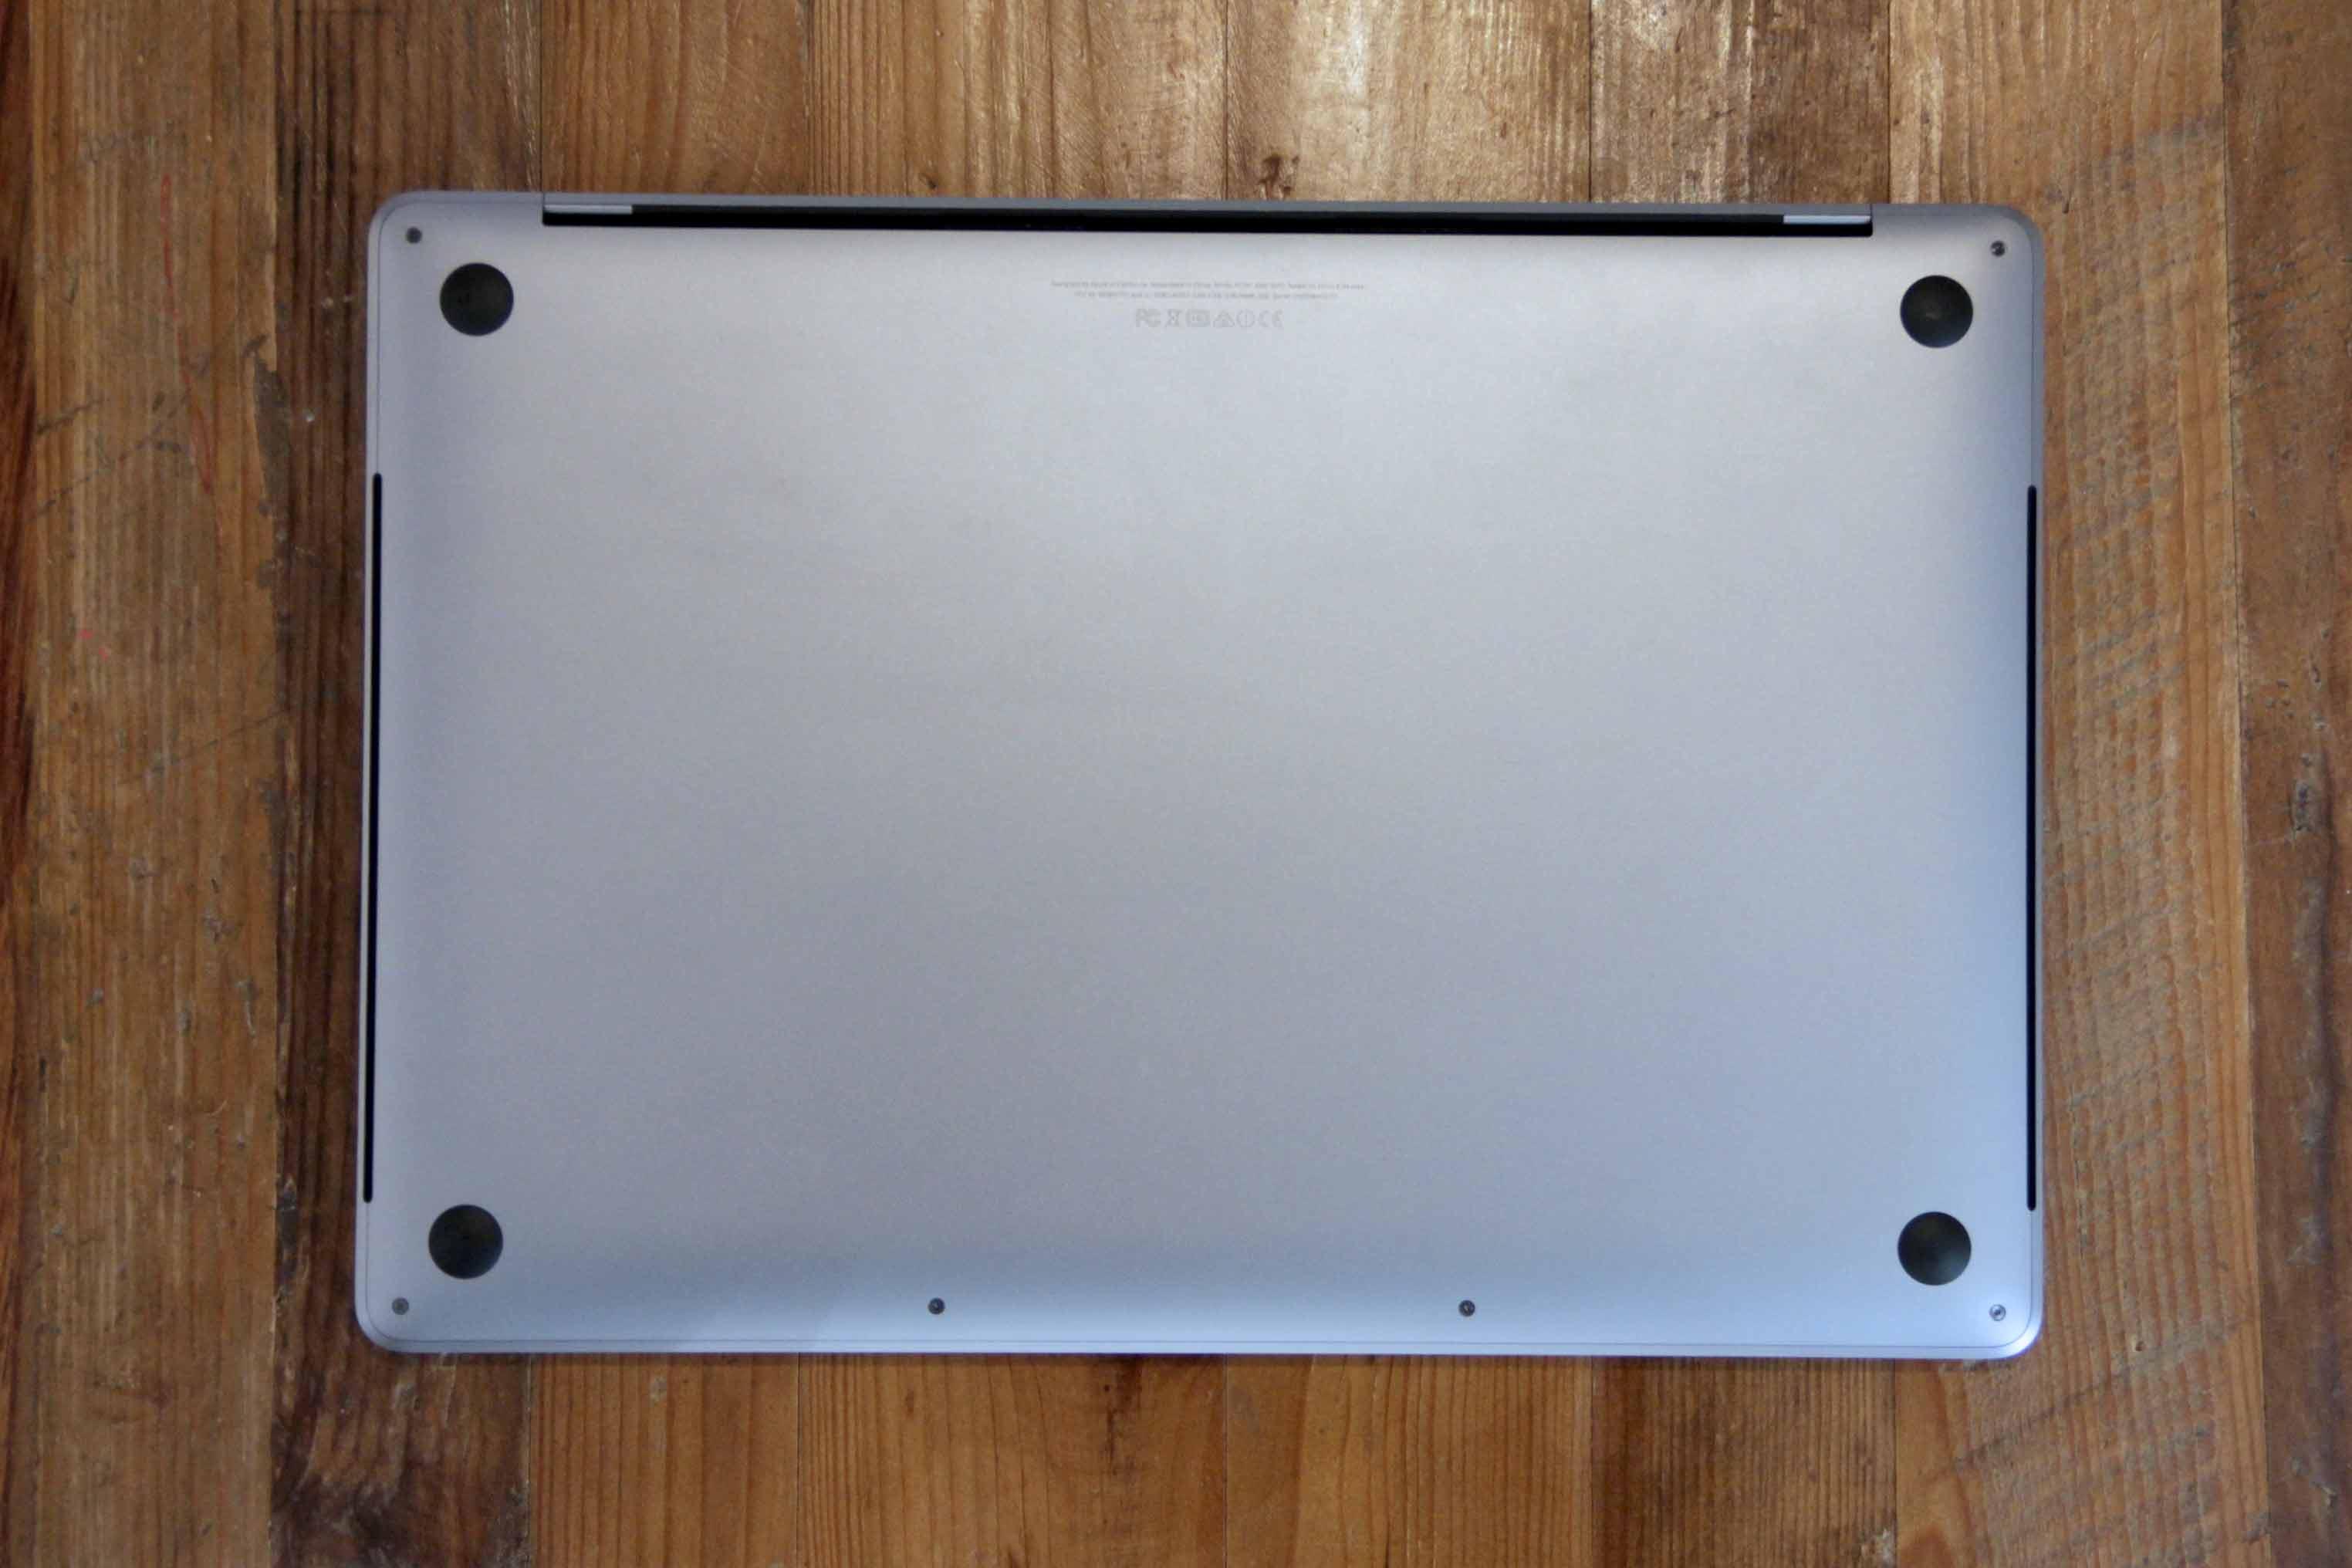 MacBookの裏蓋の写真